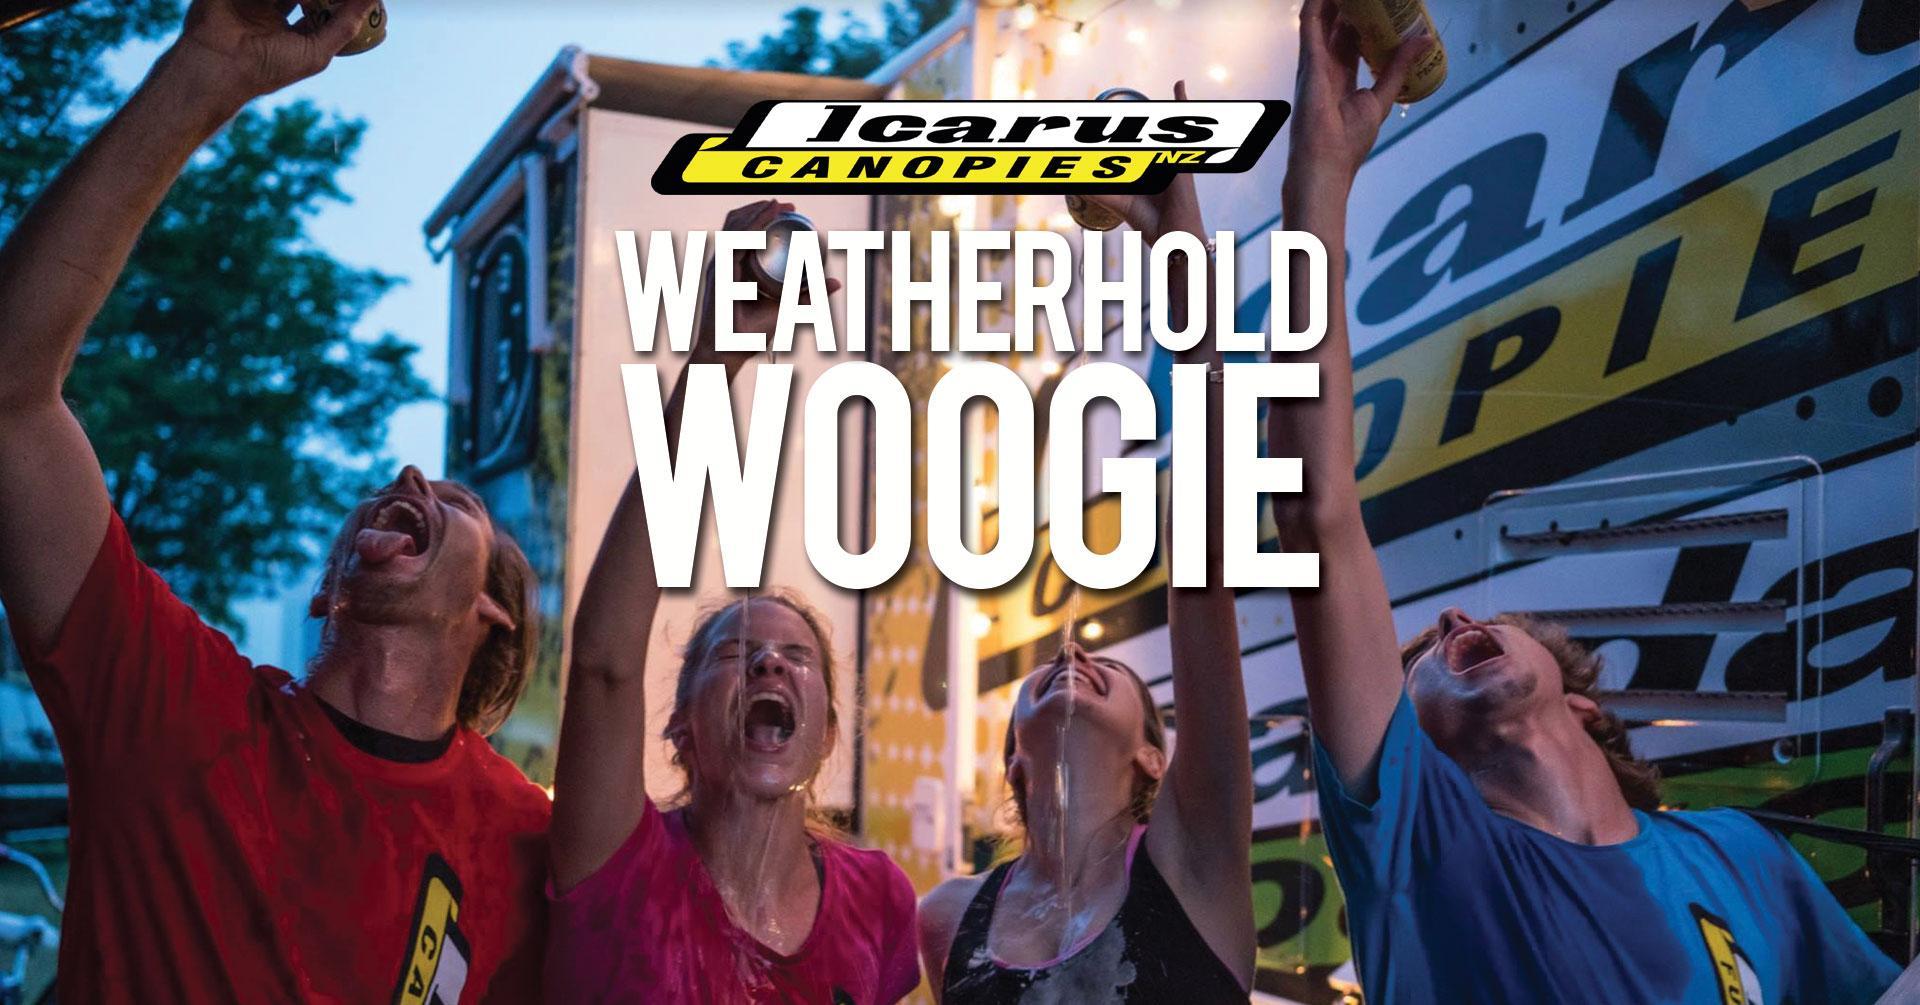 weatherholdwoogie2.jpg